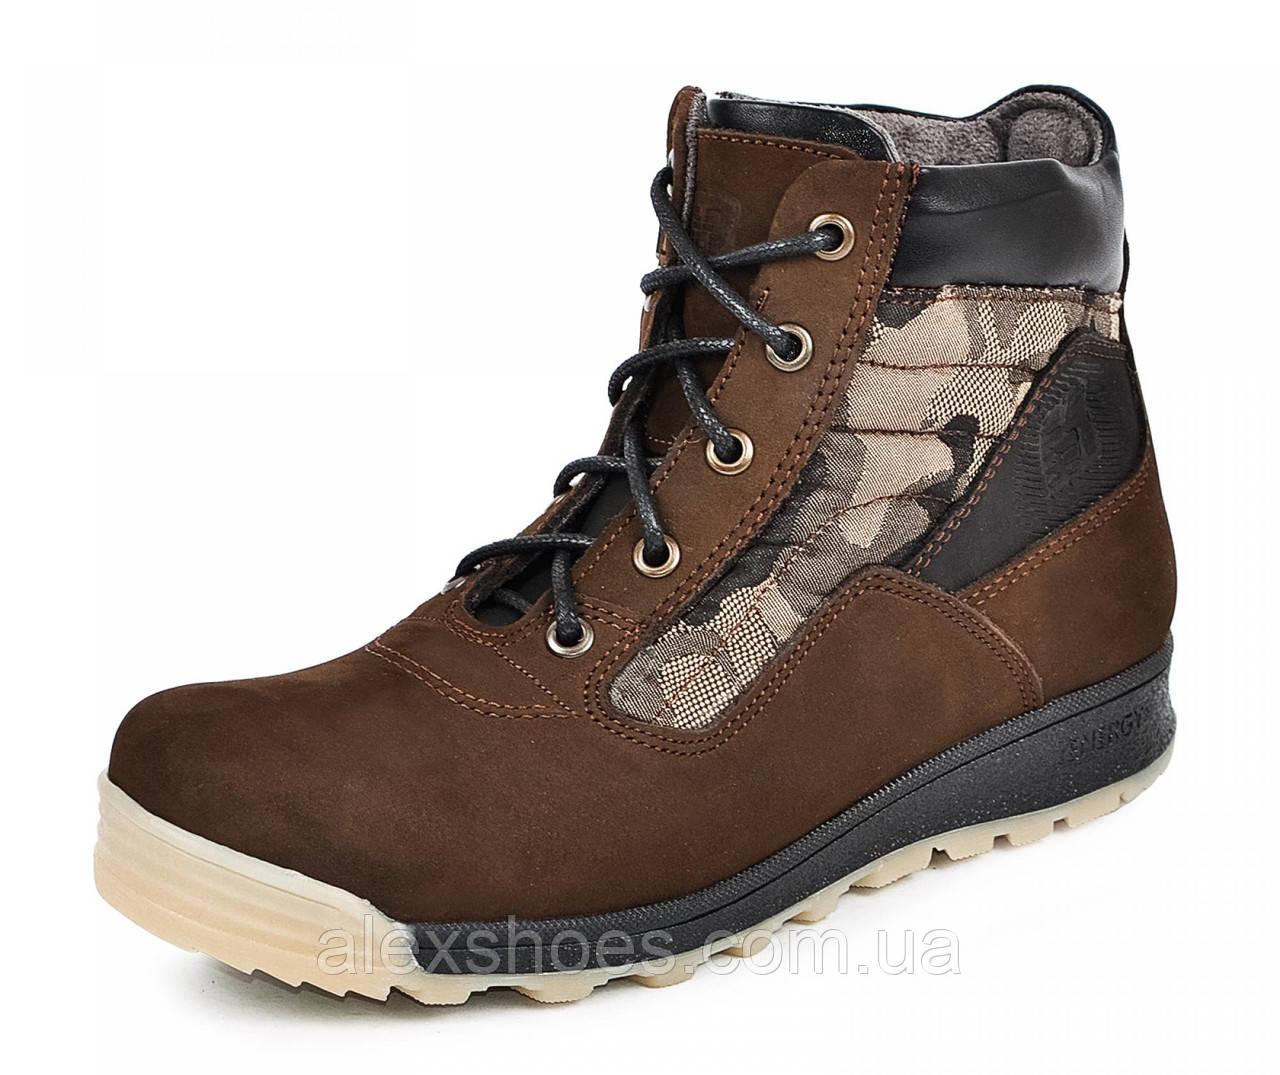 Ботинки подростковые из натуральной кожи от производителя модель МАК915